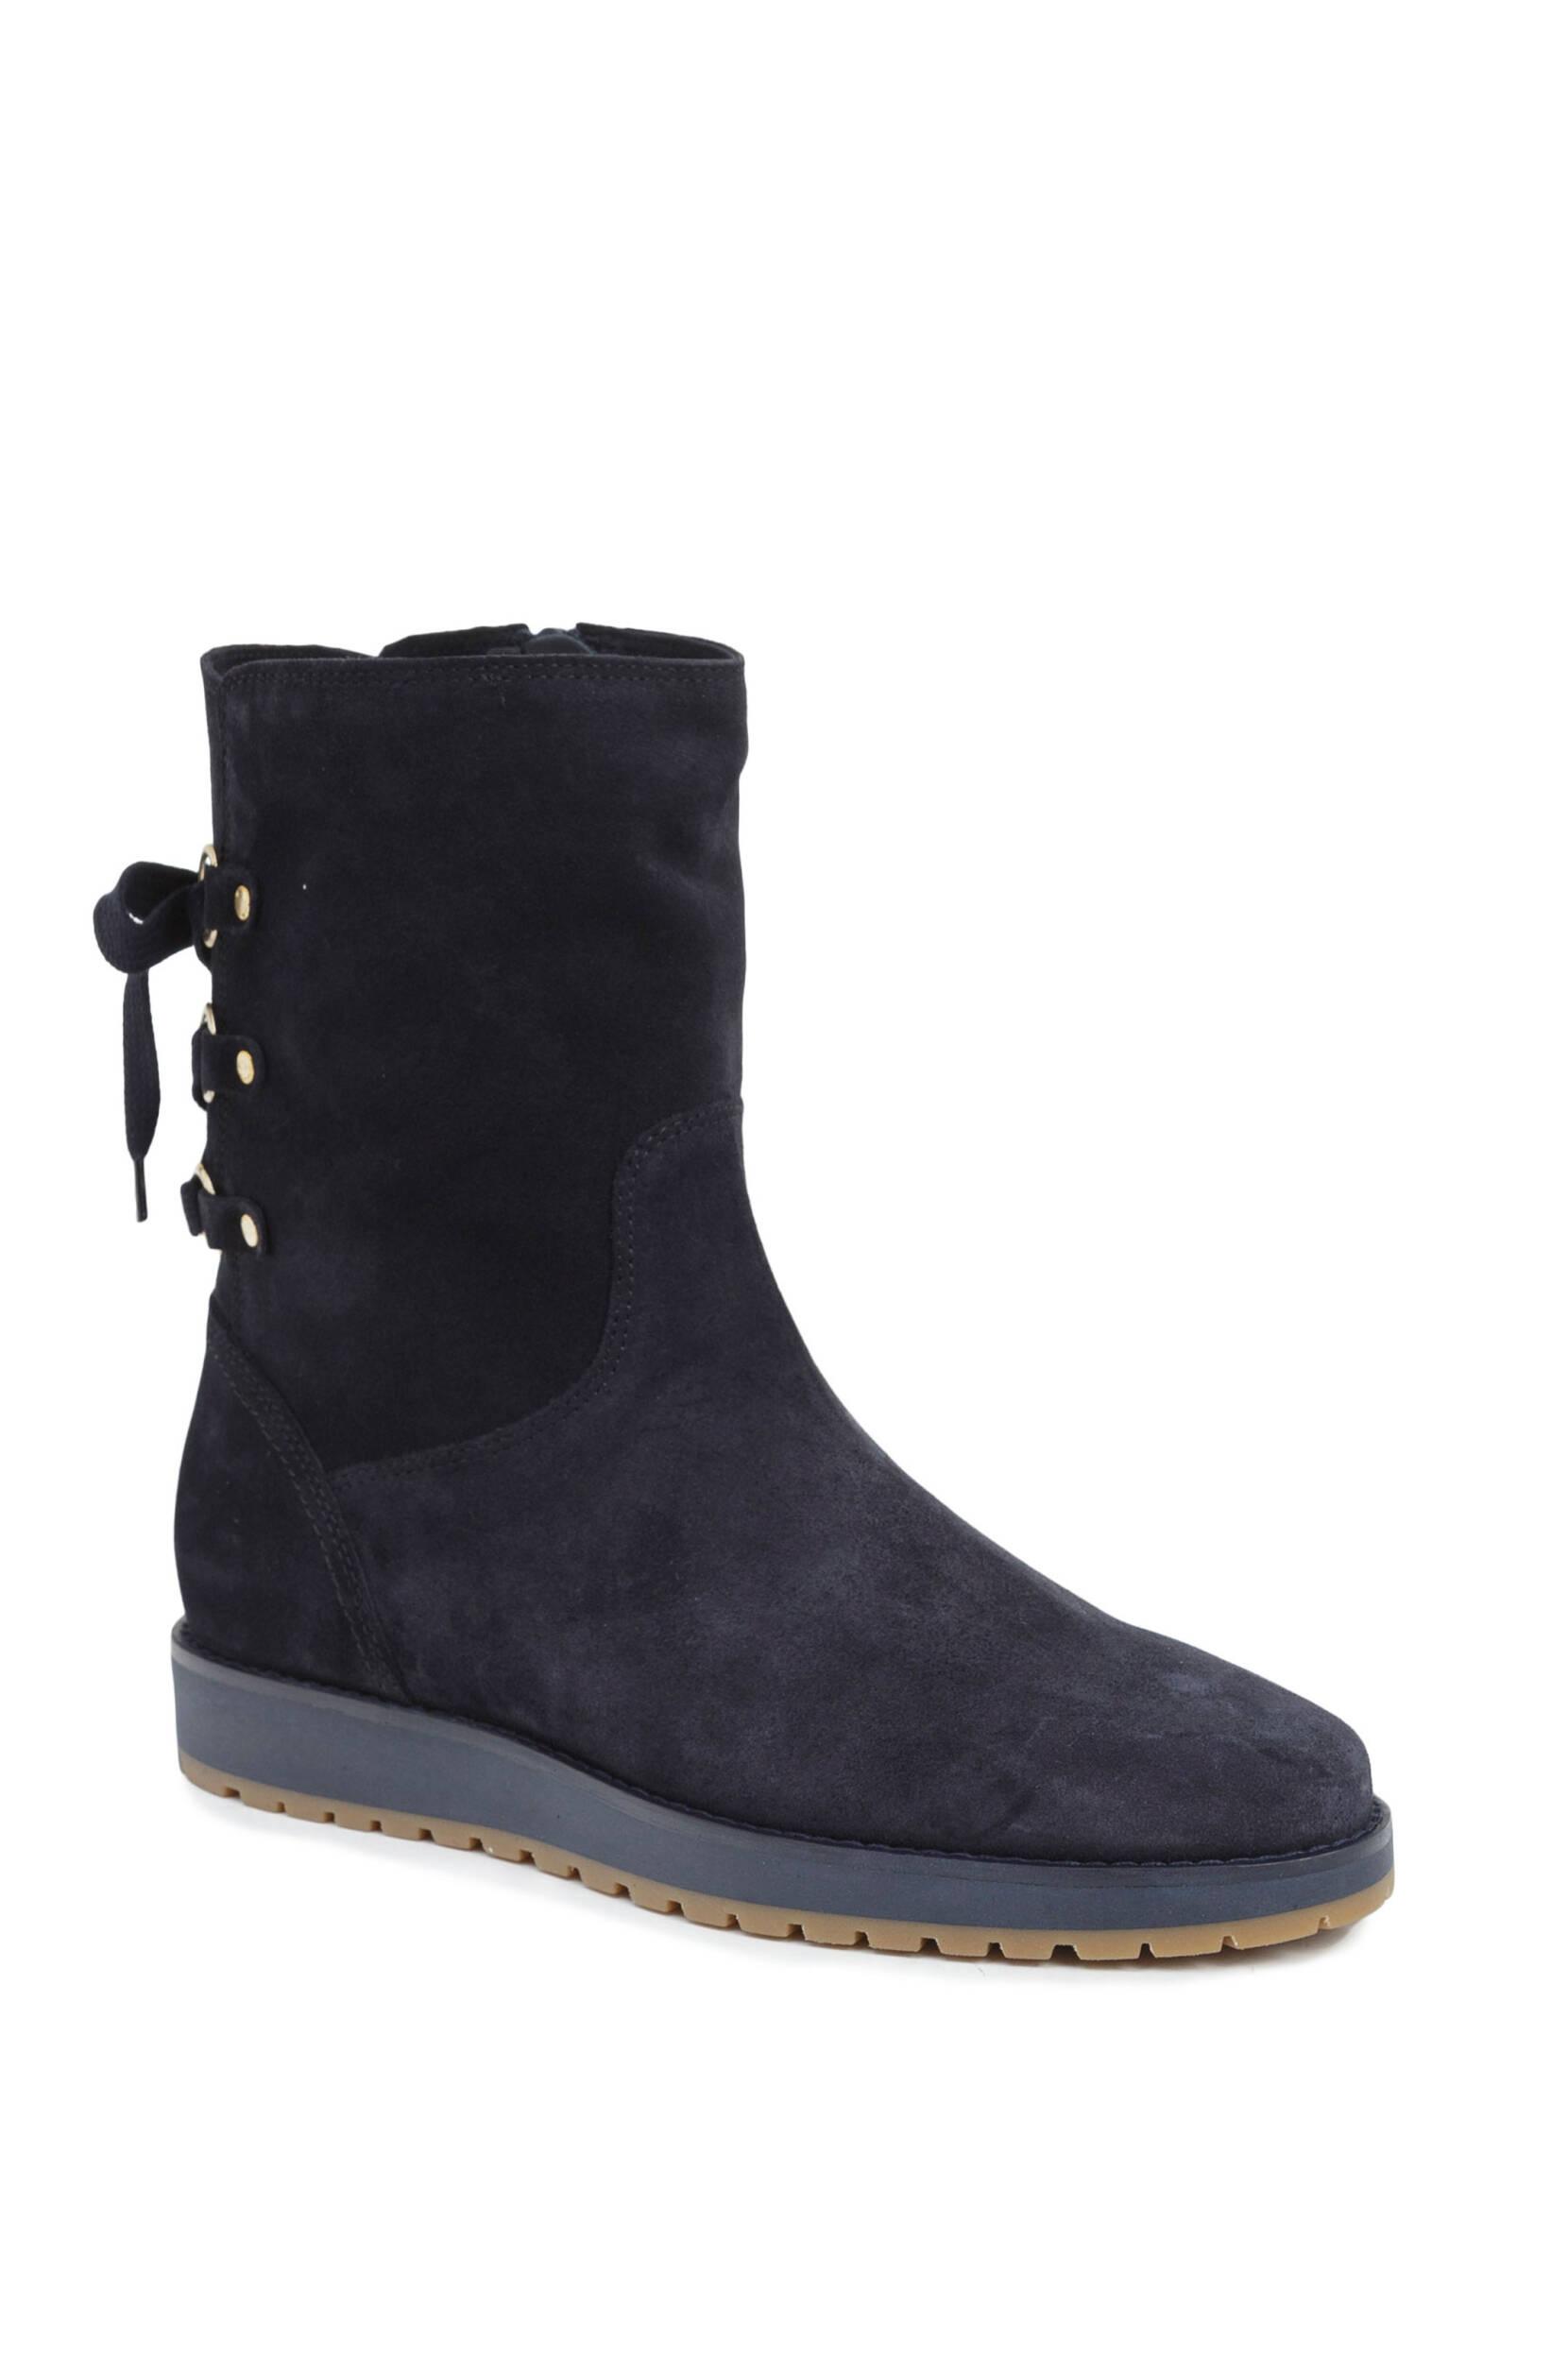 4d9bce697f73f Rita 2B ankle boots Tommy Hilfiger